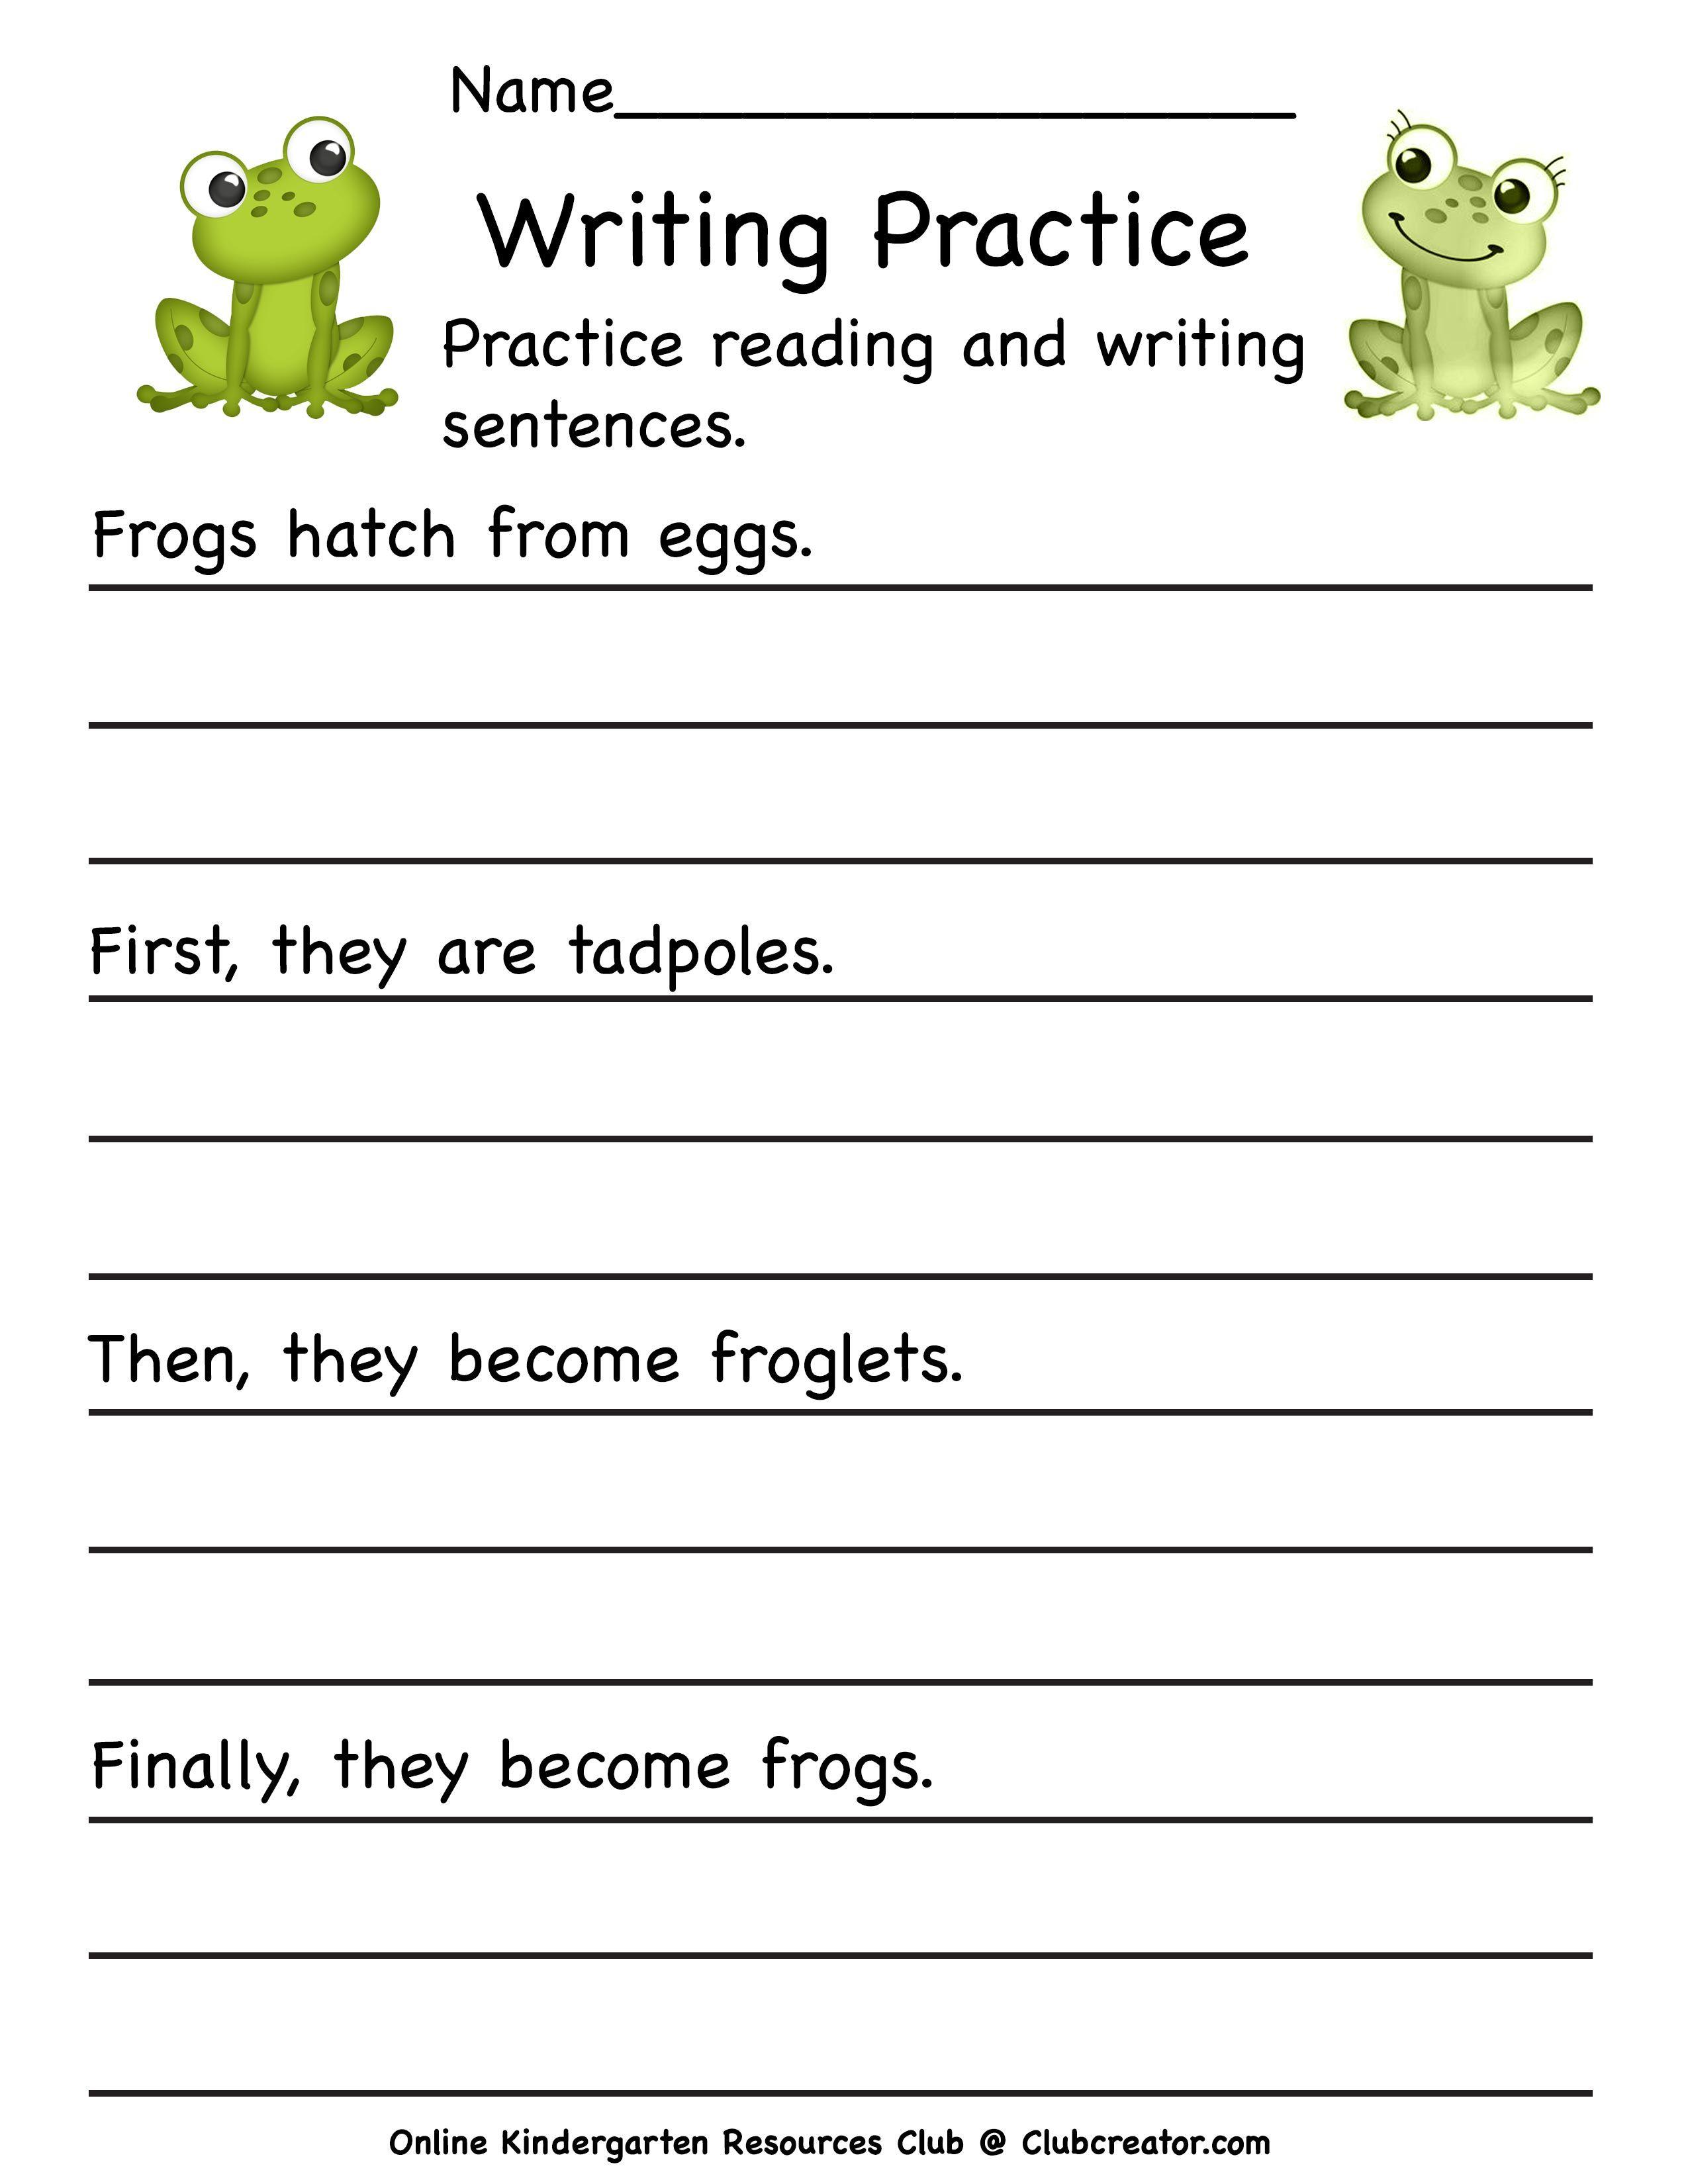 Frog Life Cycle Worksheet In